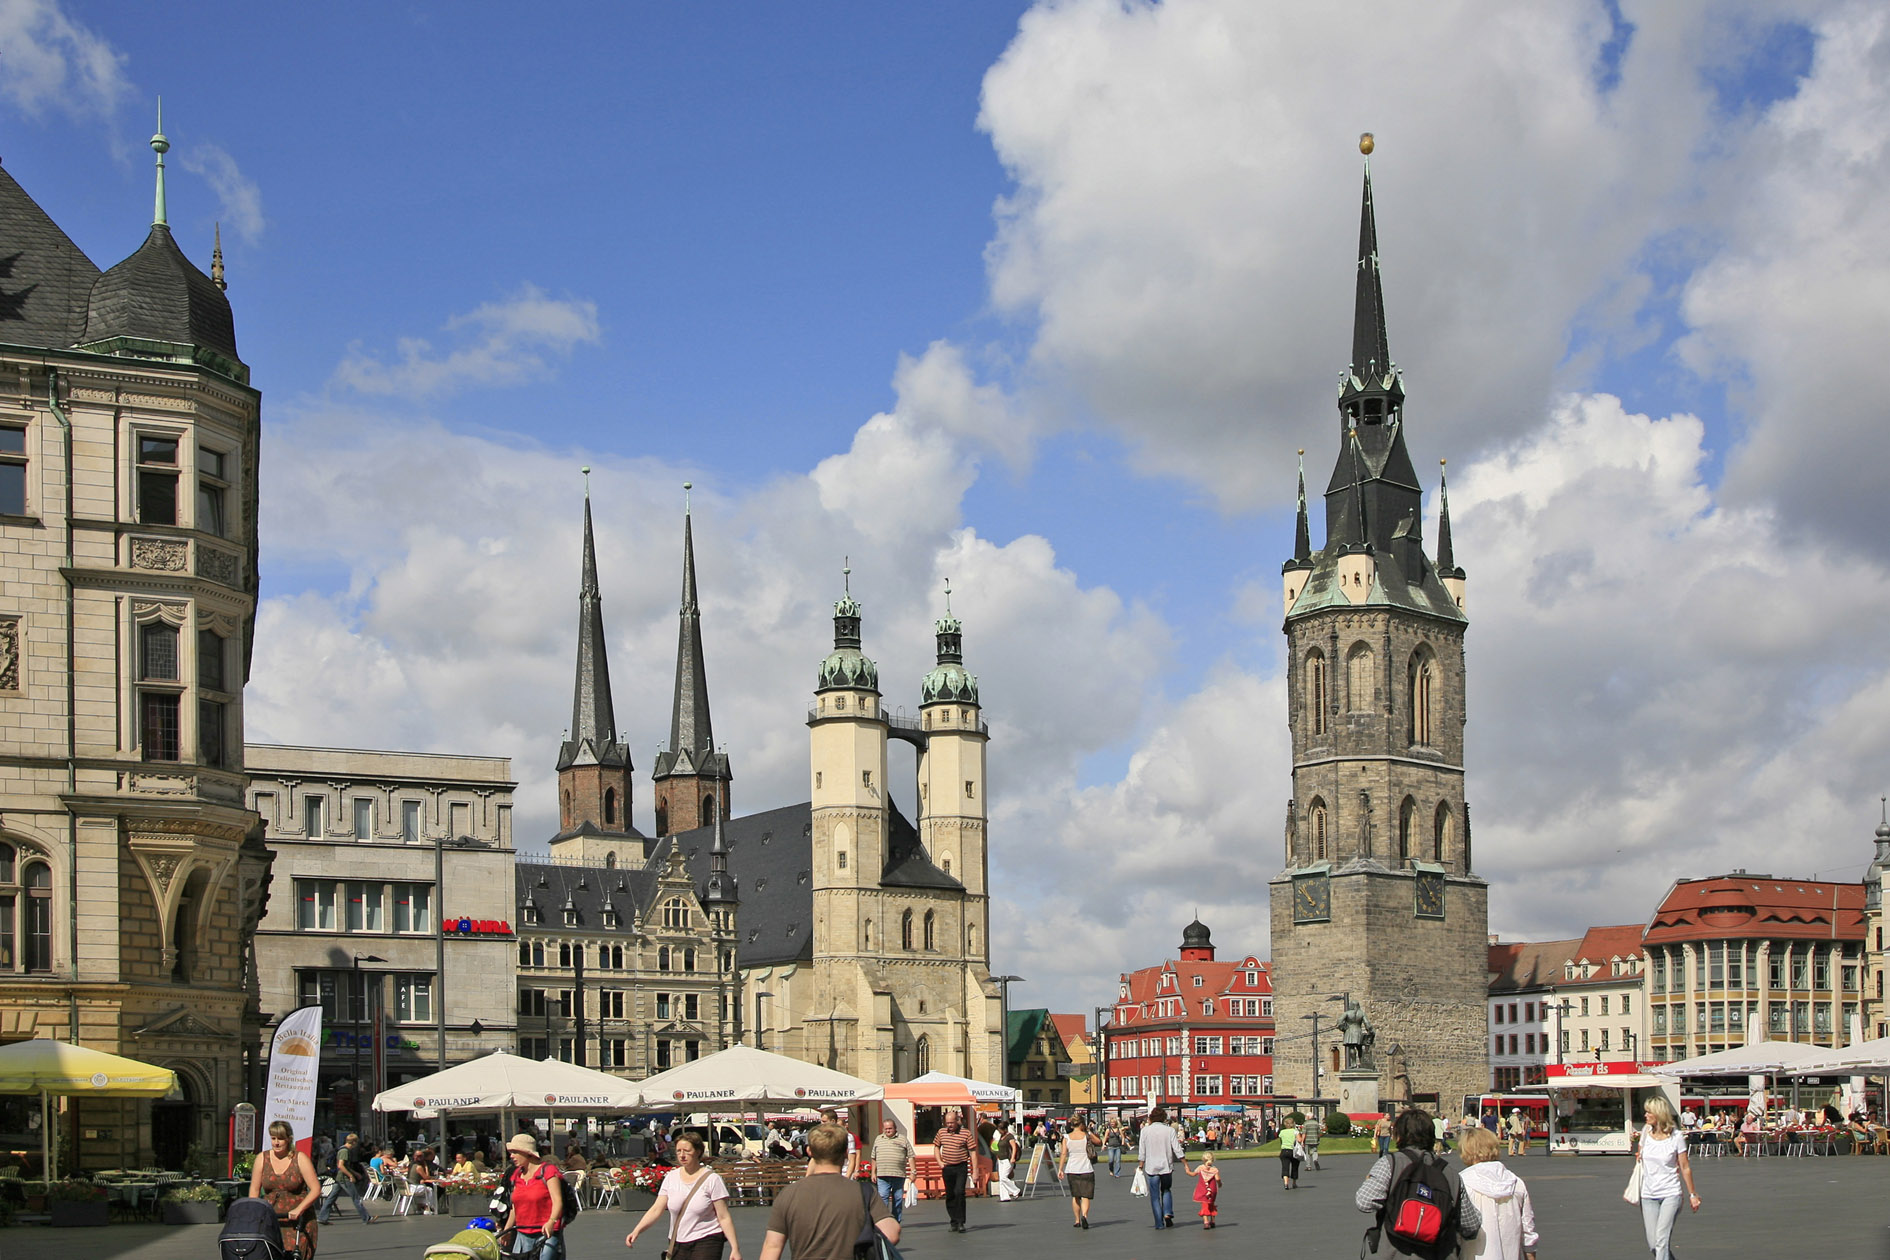 Marktplatz_Halle_-f%C3%BCnf_T%C3%BCrme1.jpg